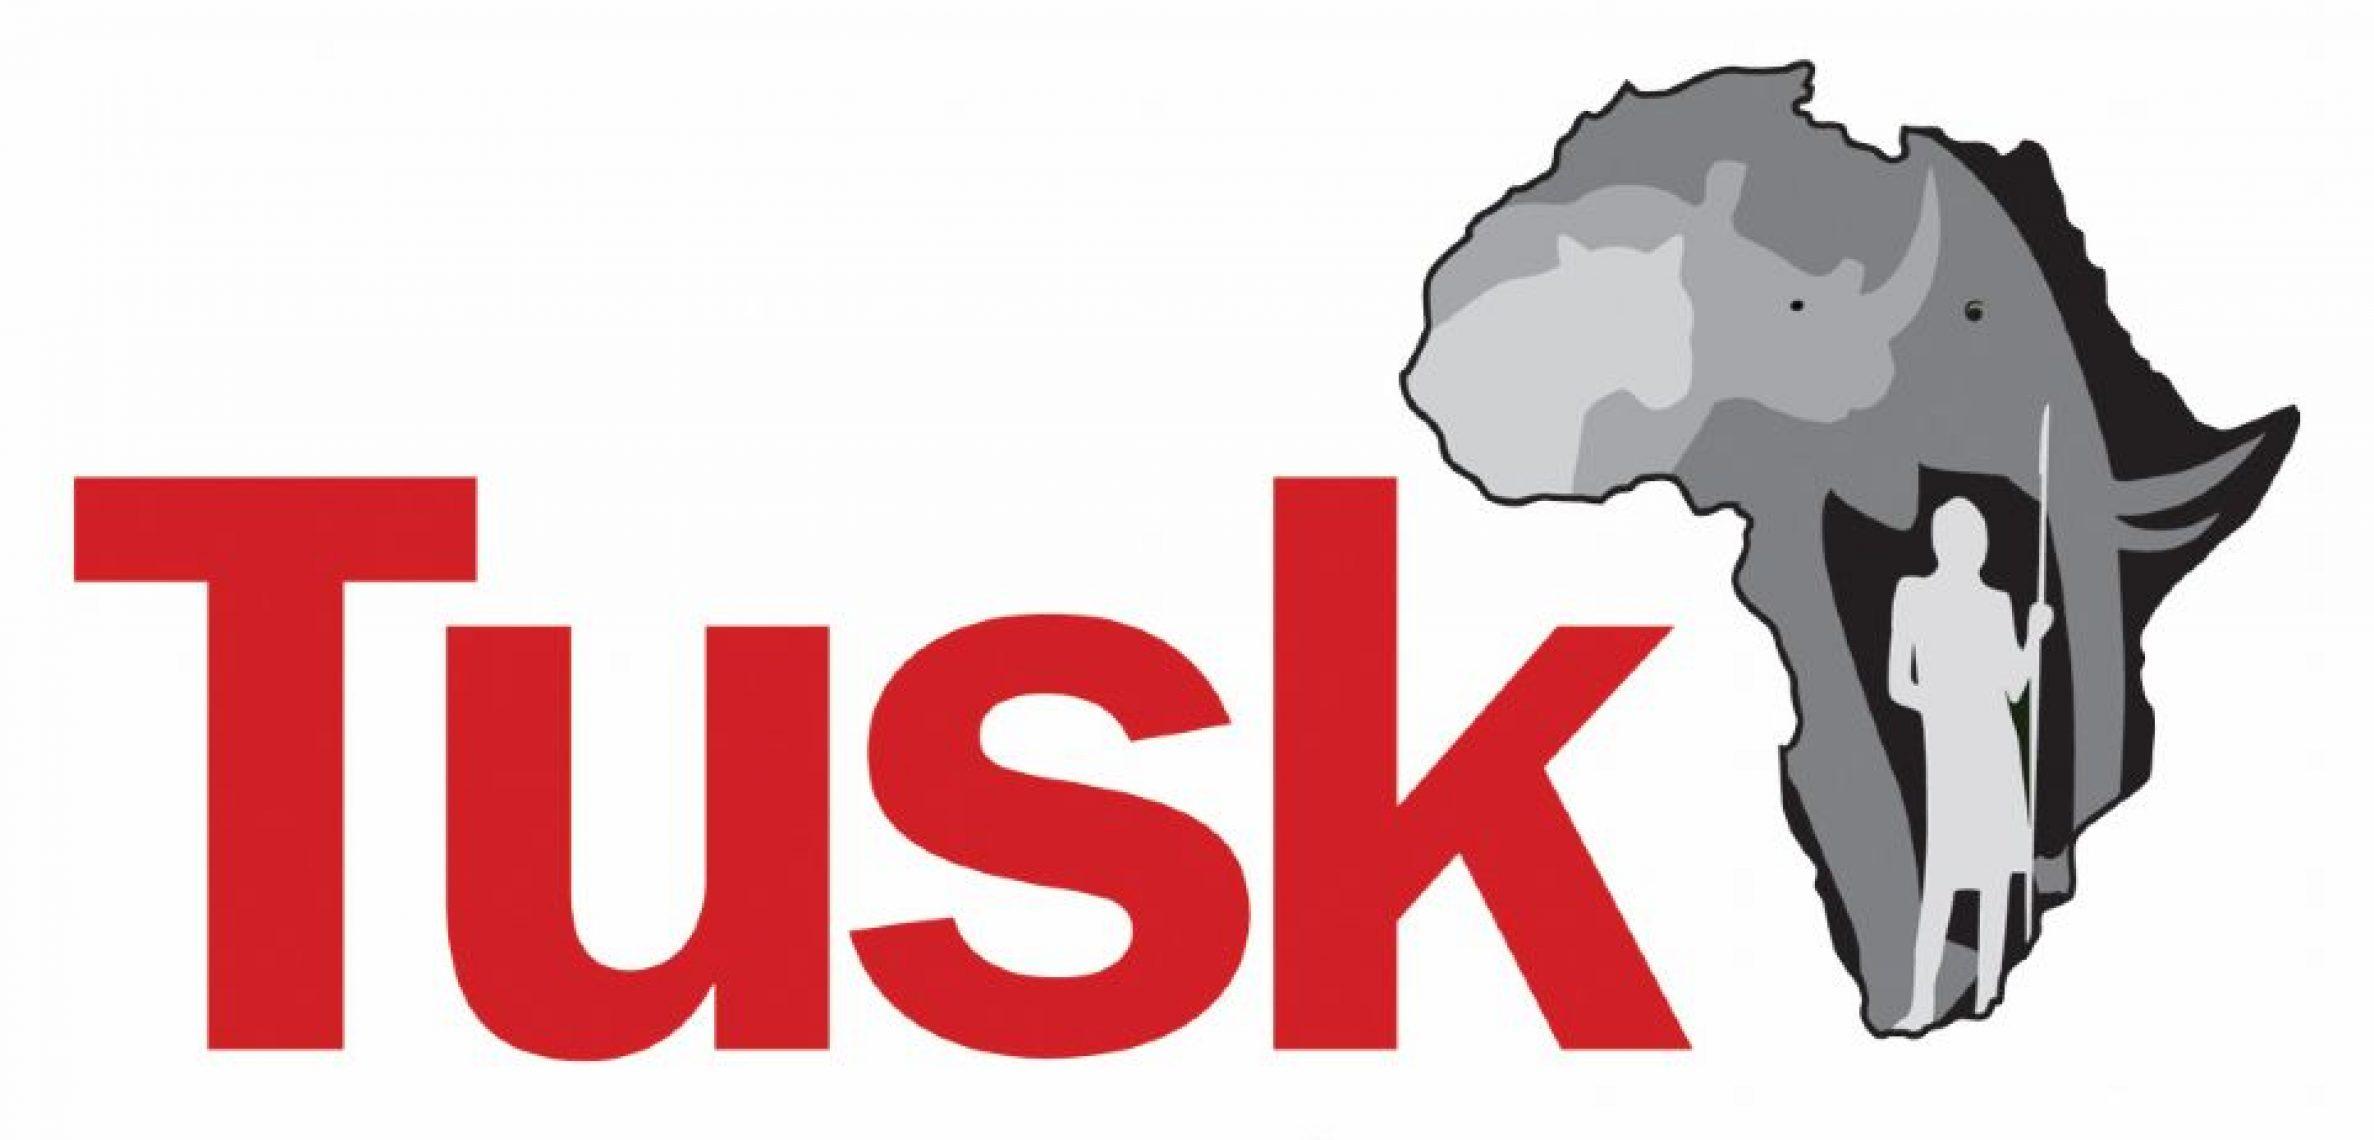 Tusk-Chairity-Logo-0x1140-c-default.jpeg